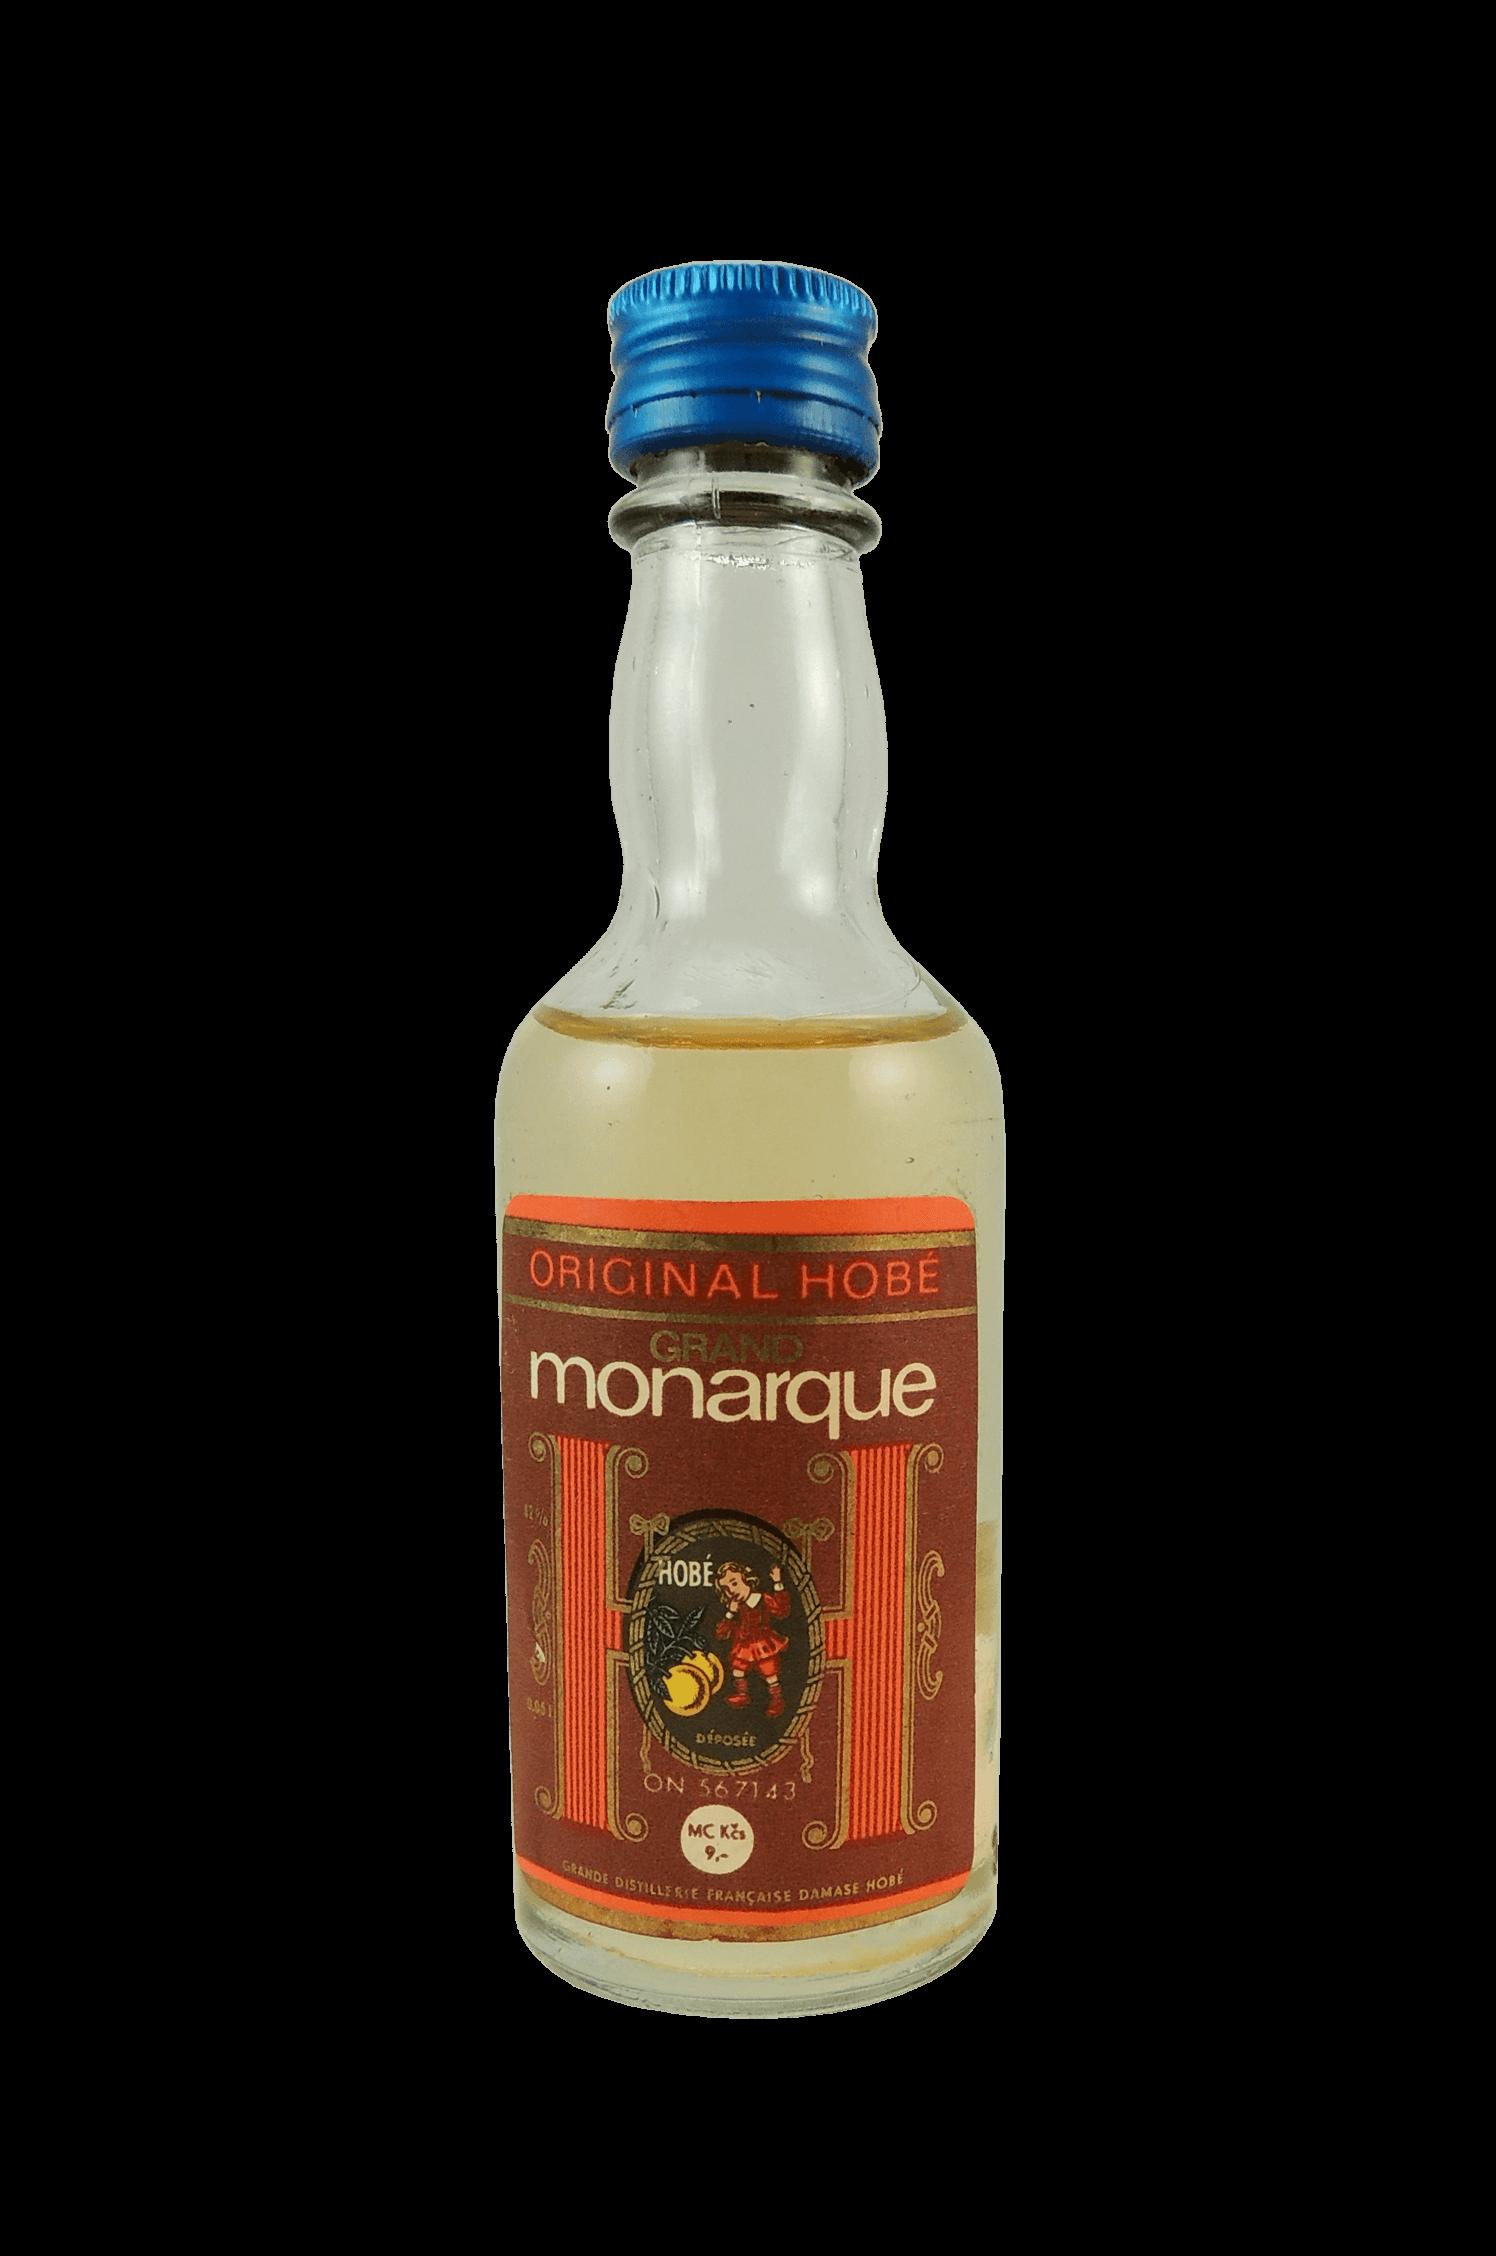 Hobé Grand Monarque